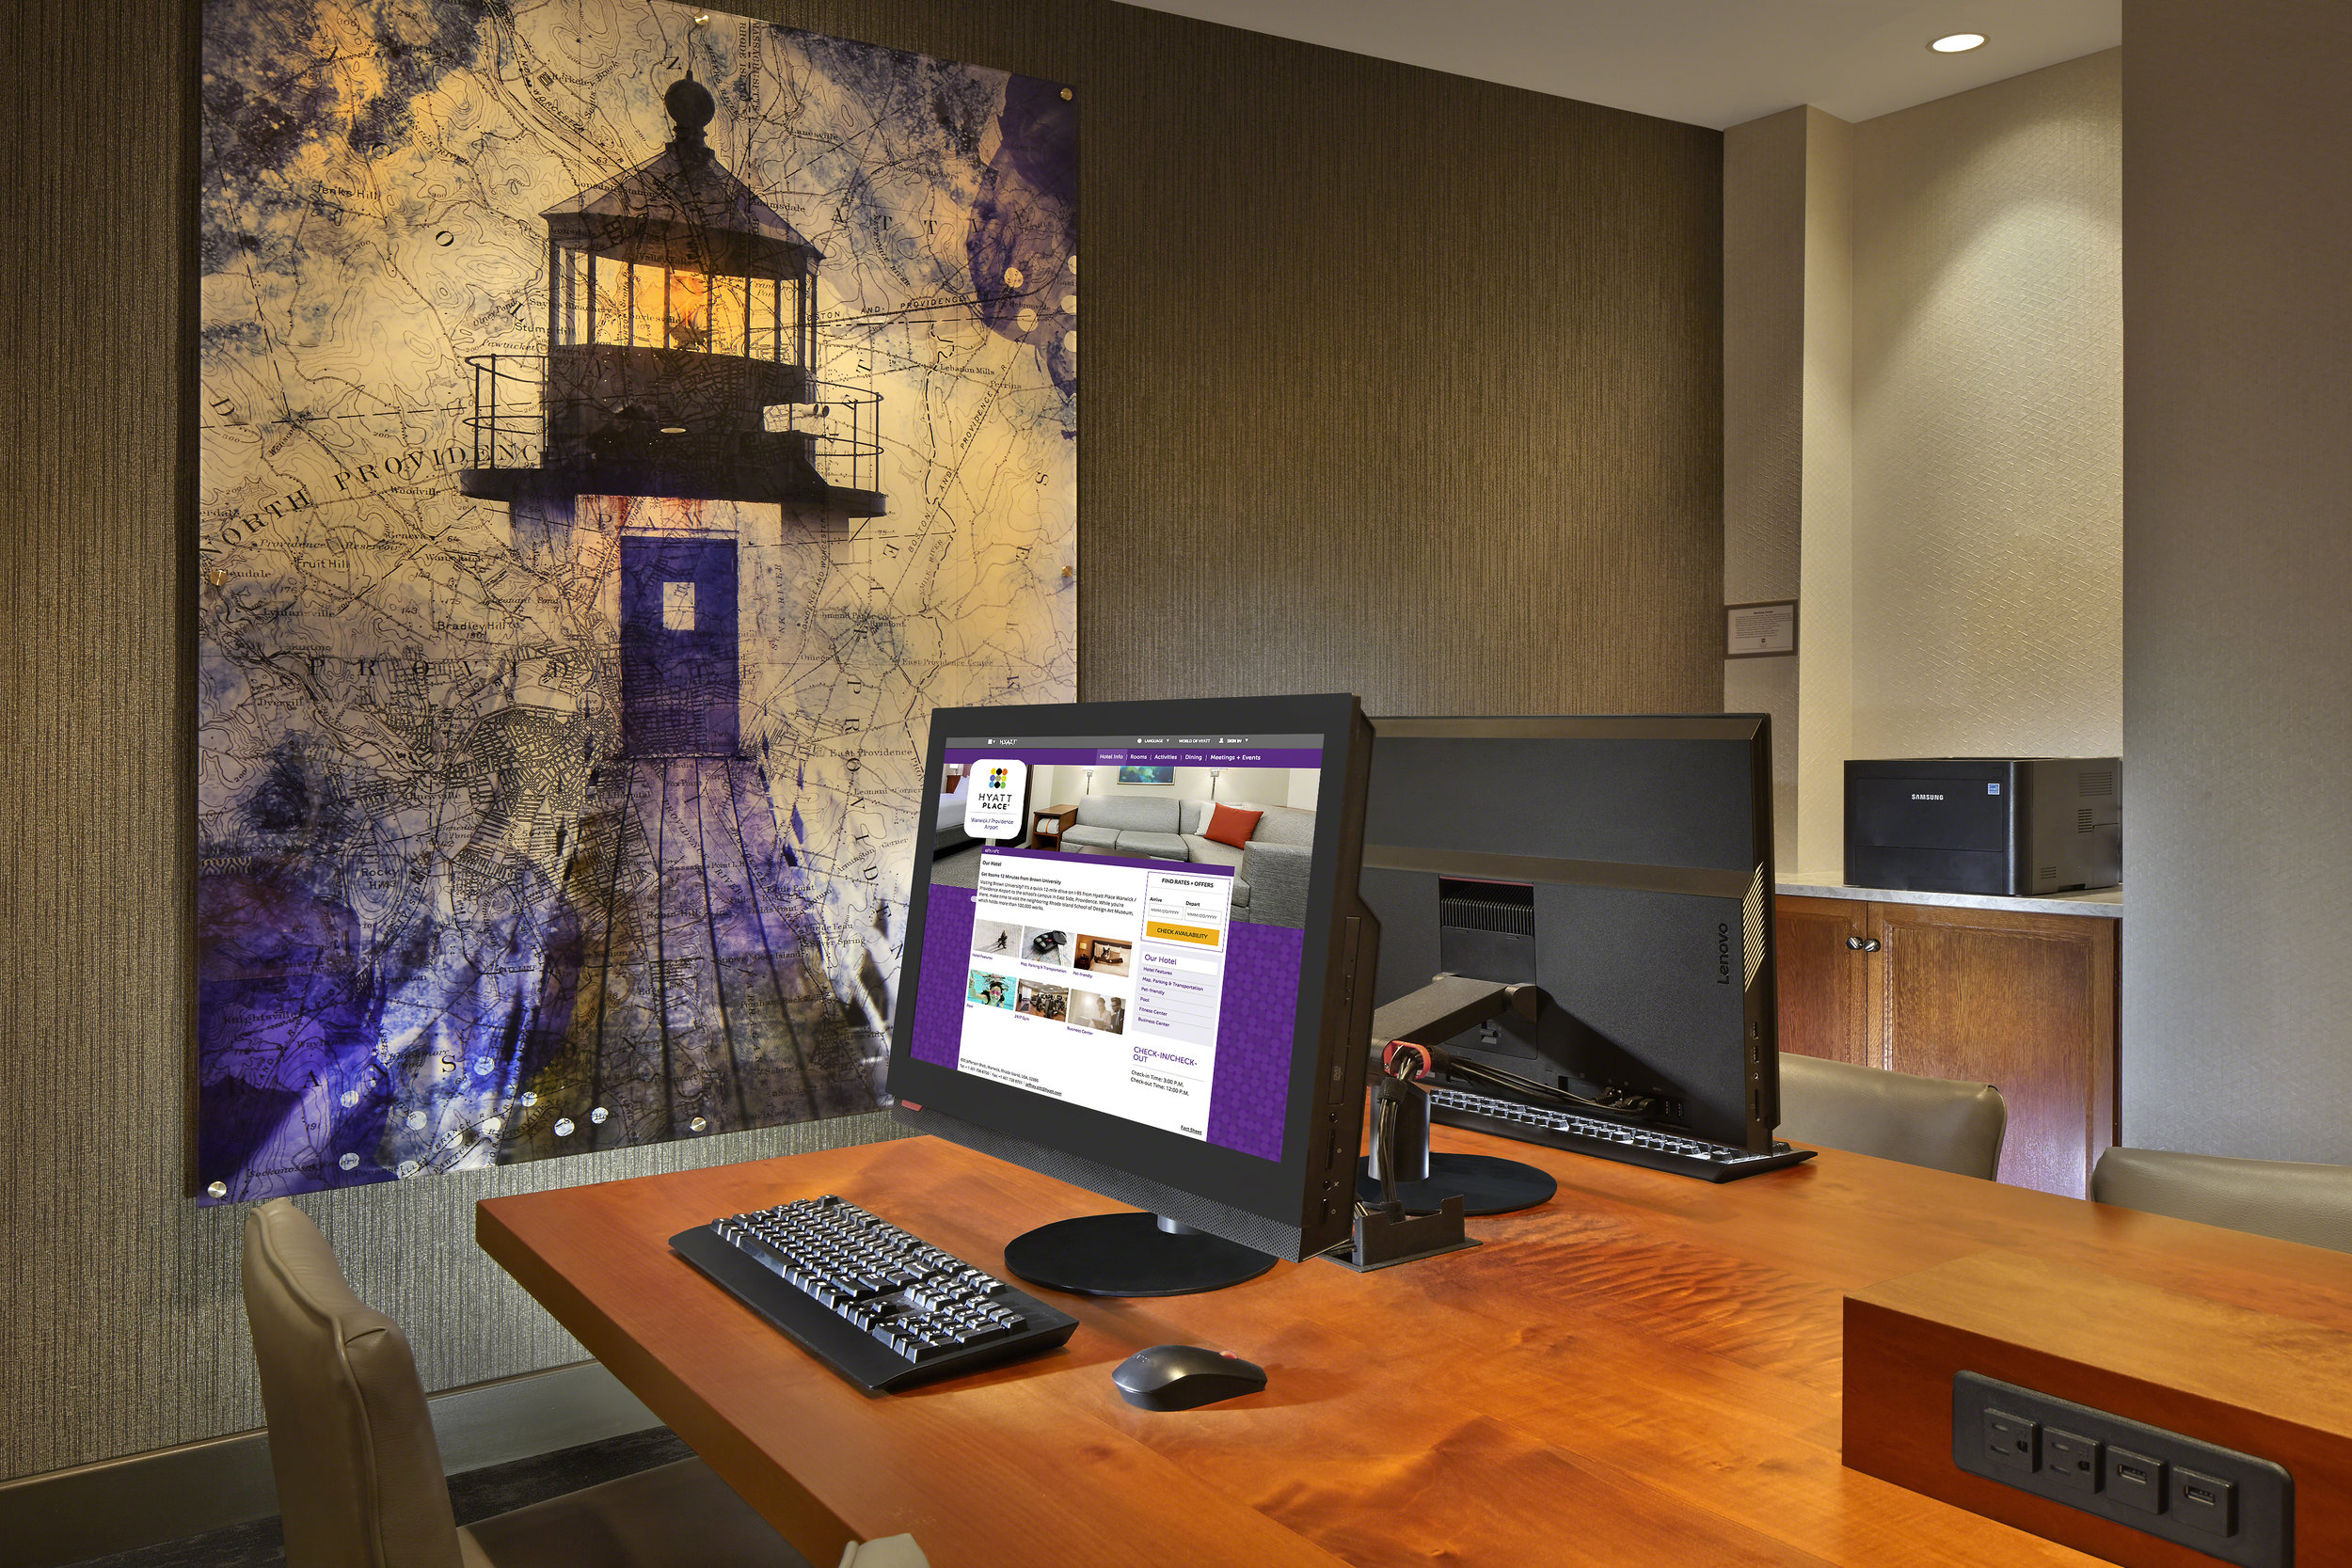 Hyatt_Place_Hotel_Warwick_7_18_business-60mb.jpg